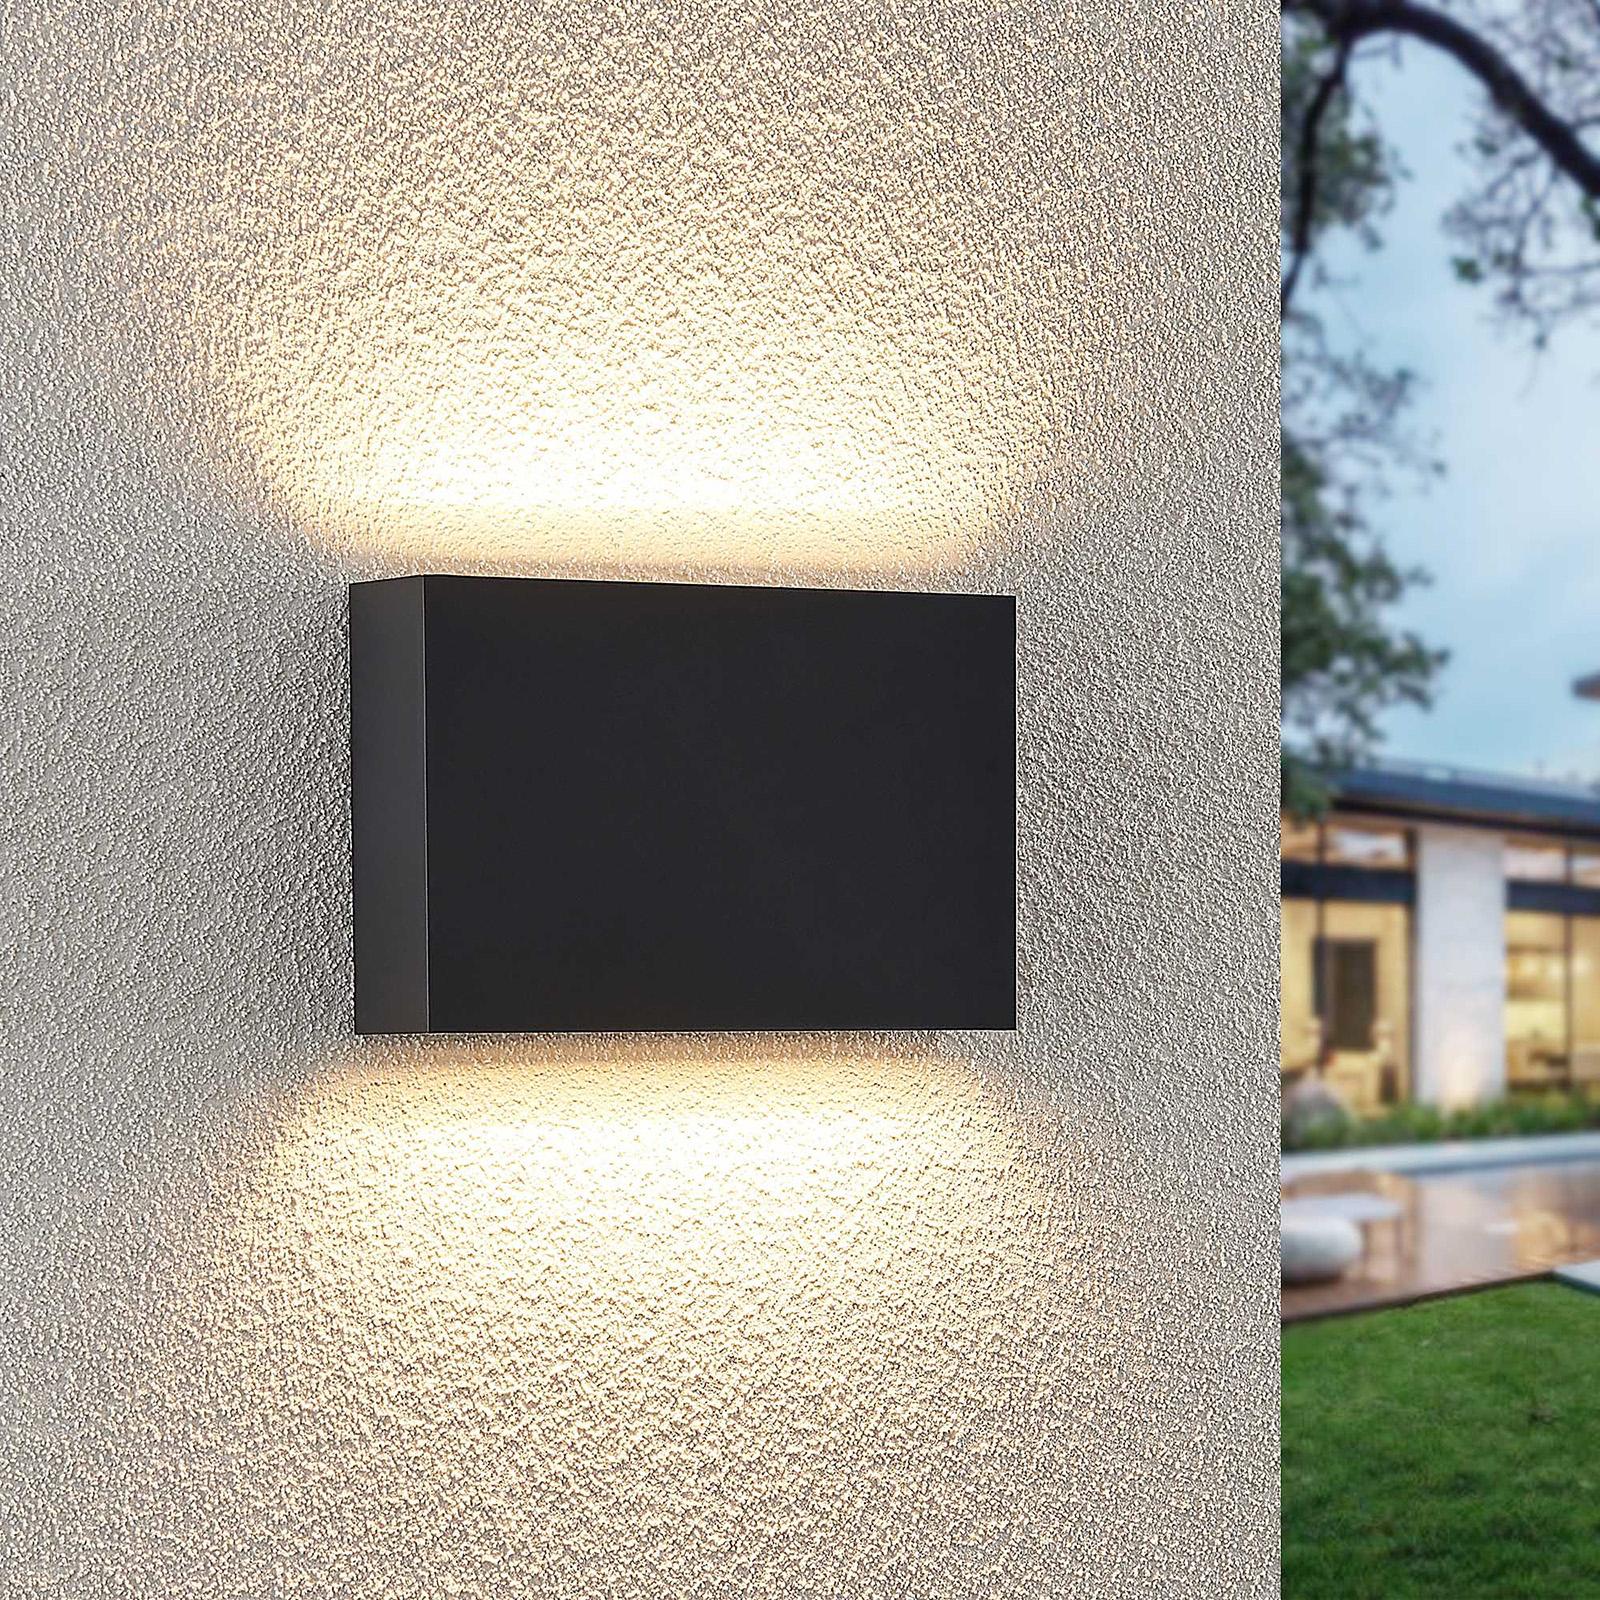 Lindby Jarte applique d'ext. LED, 20cm up/down